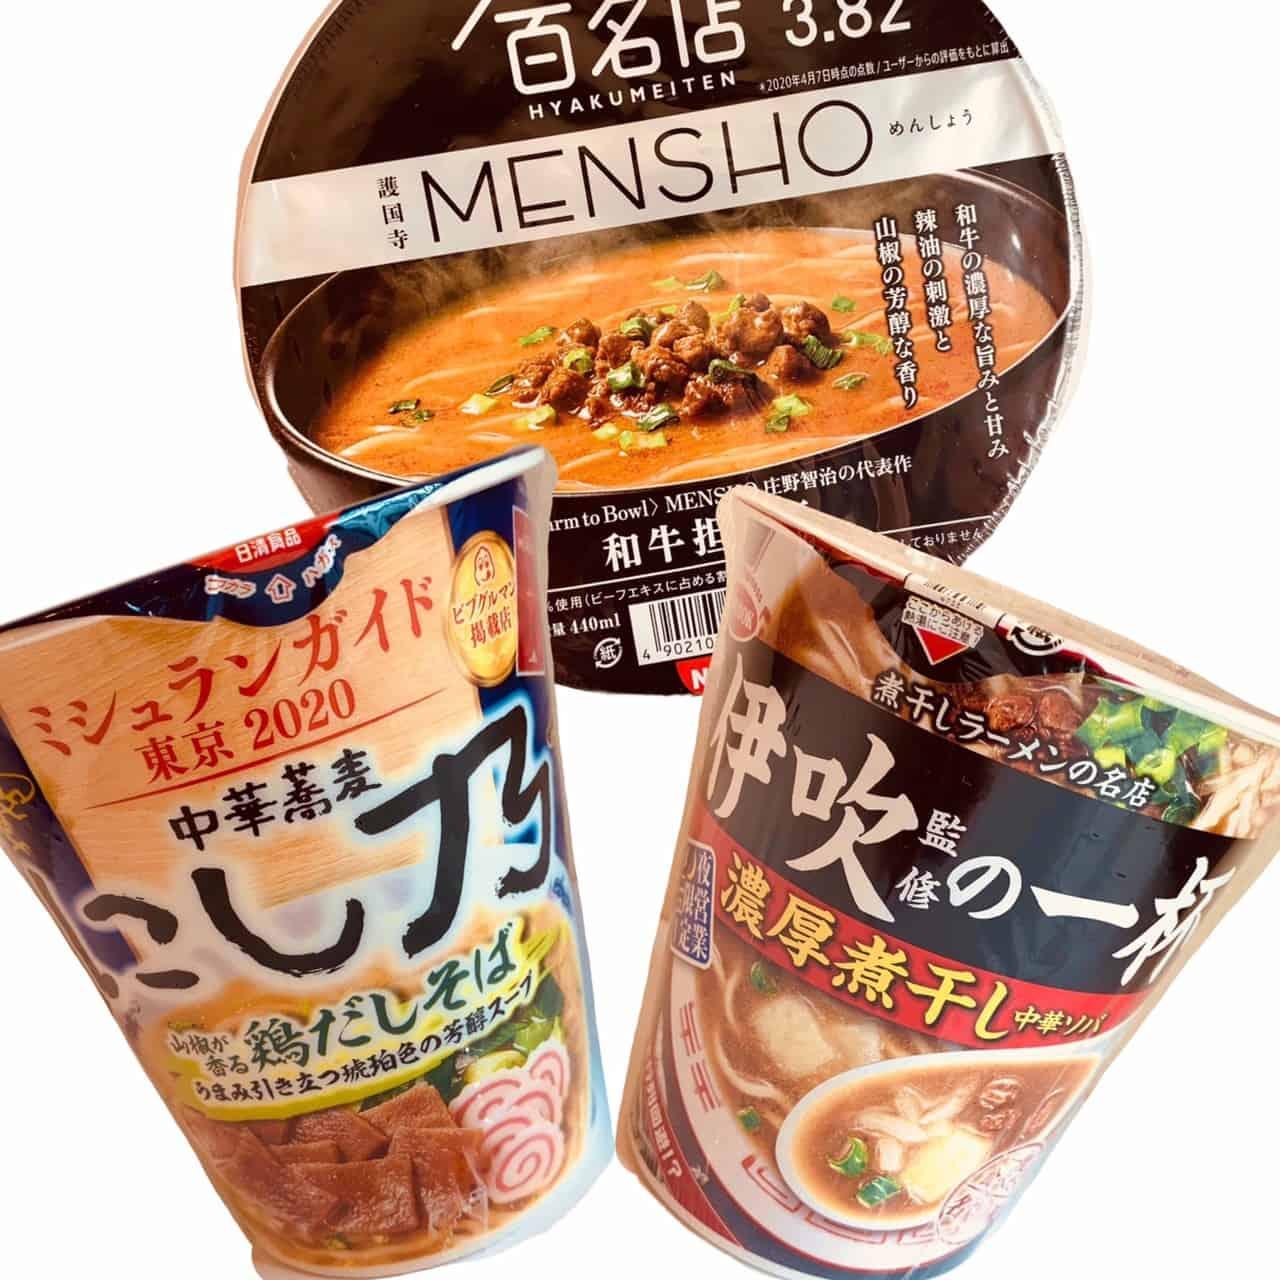 一 蘭 カップ ラーメン コンビニ 一蘭カップ麺が売ってるコンビニはどこ?スーパー/ドンキ/イオンの販...